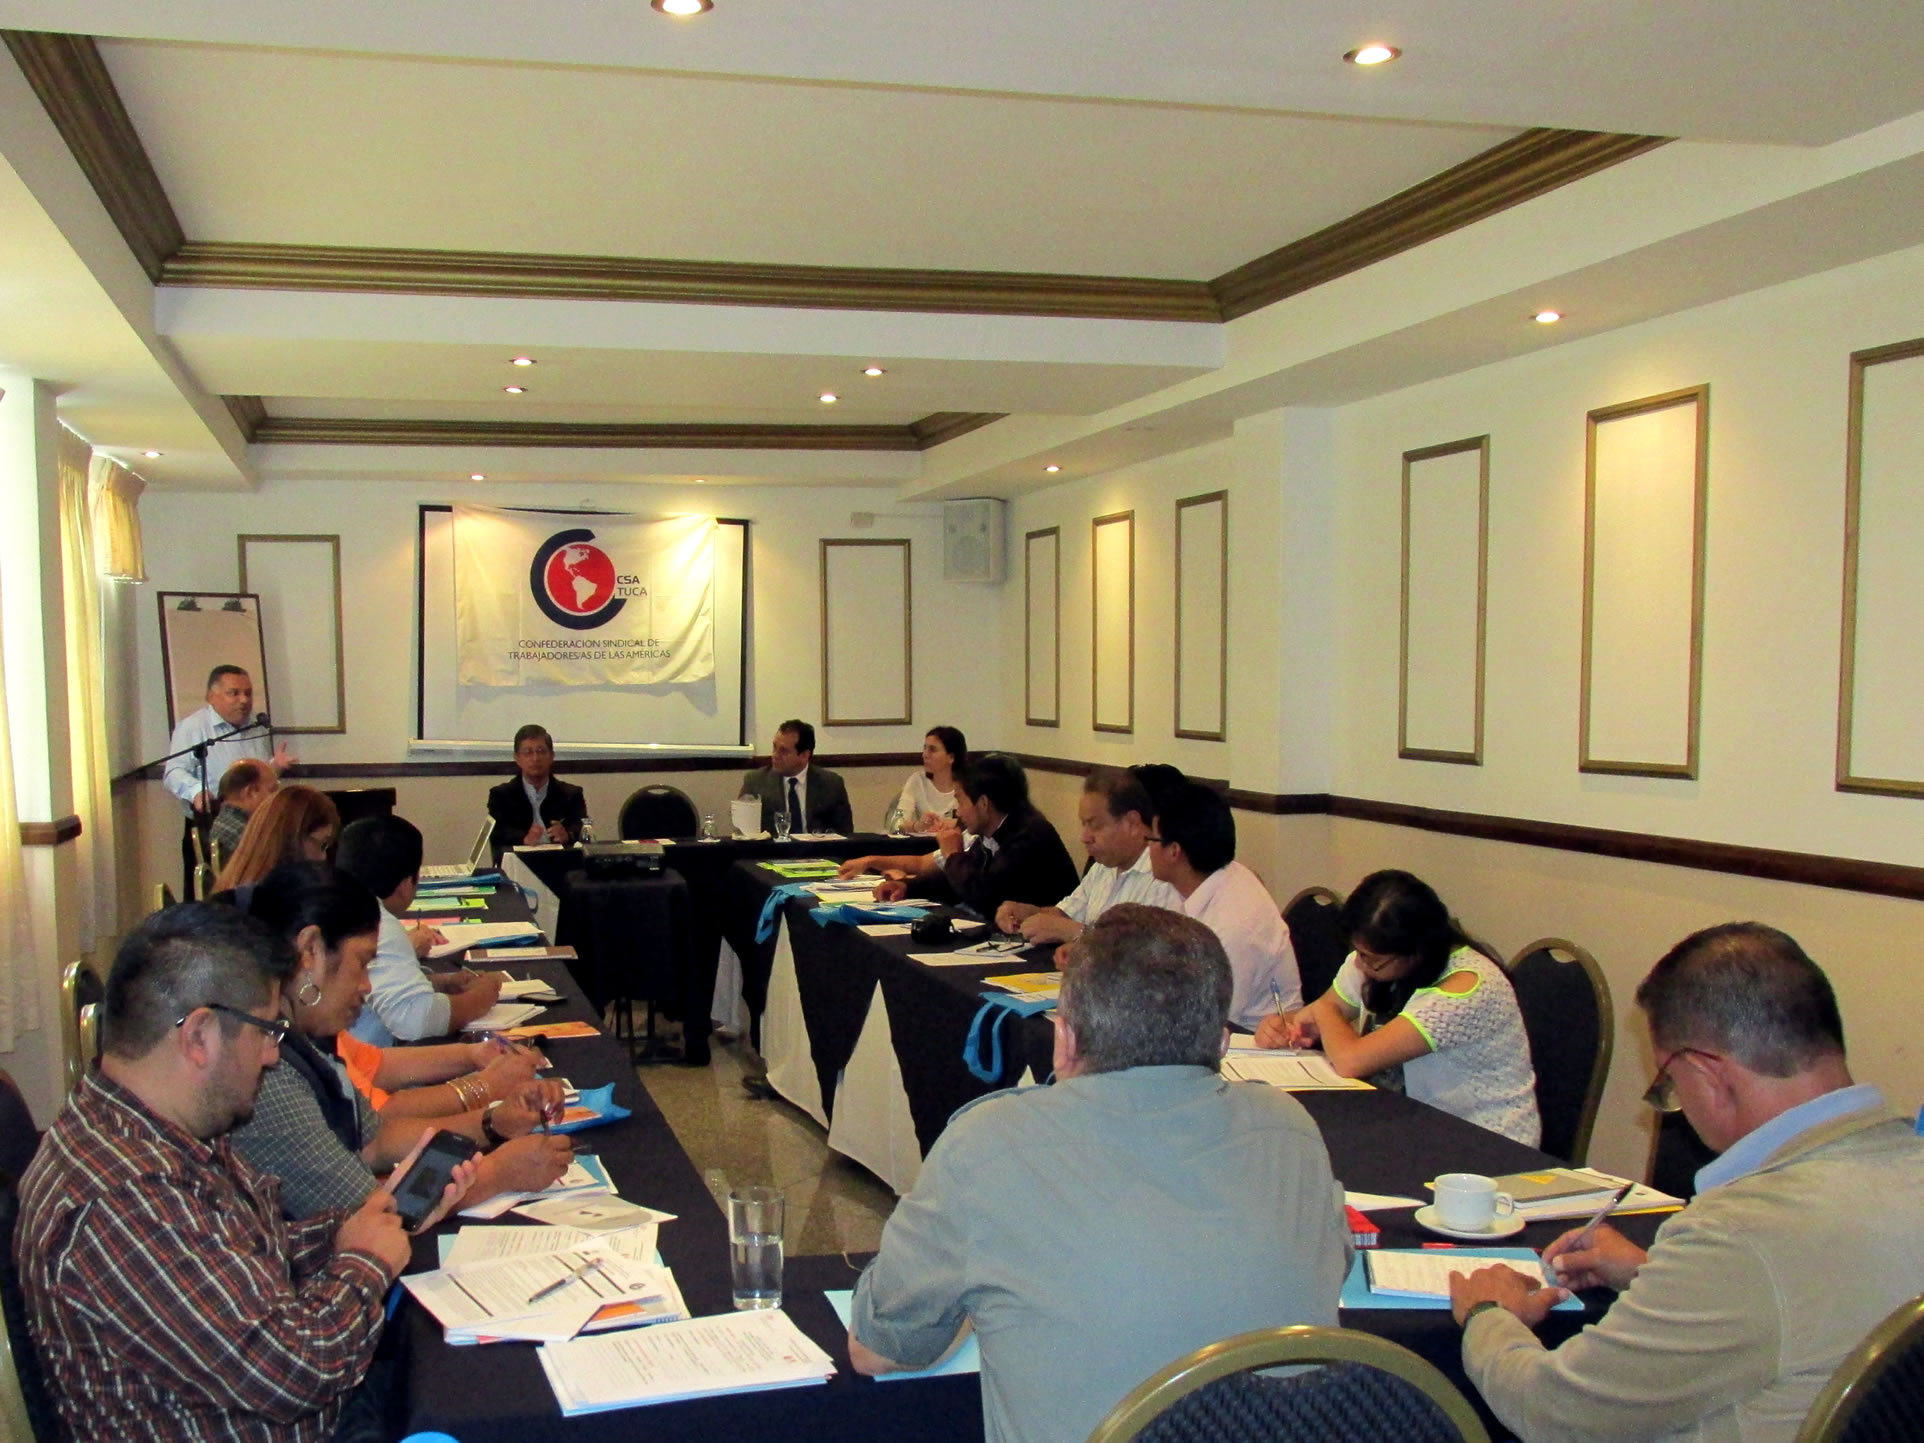 Curso sobre Desarrollo sostenible con inclusión social